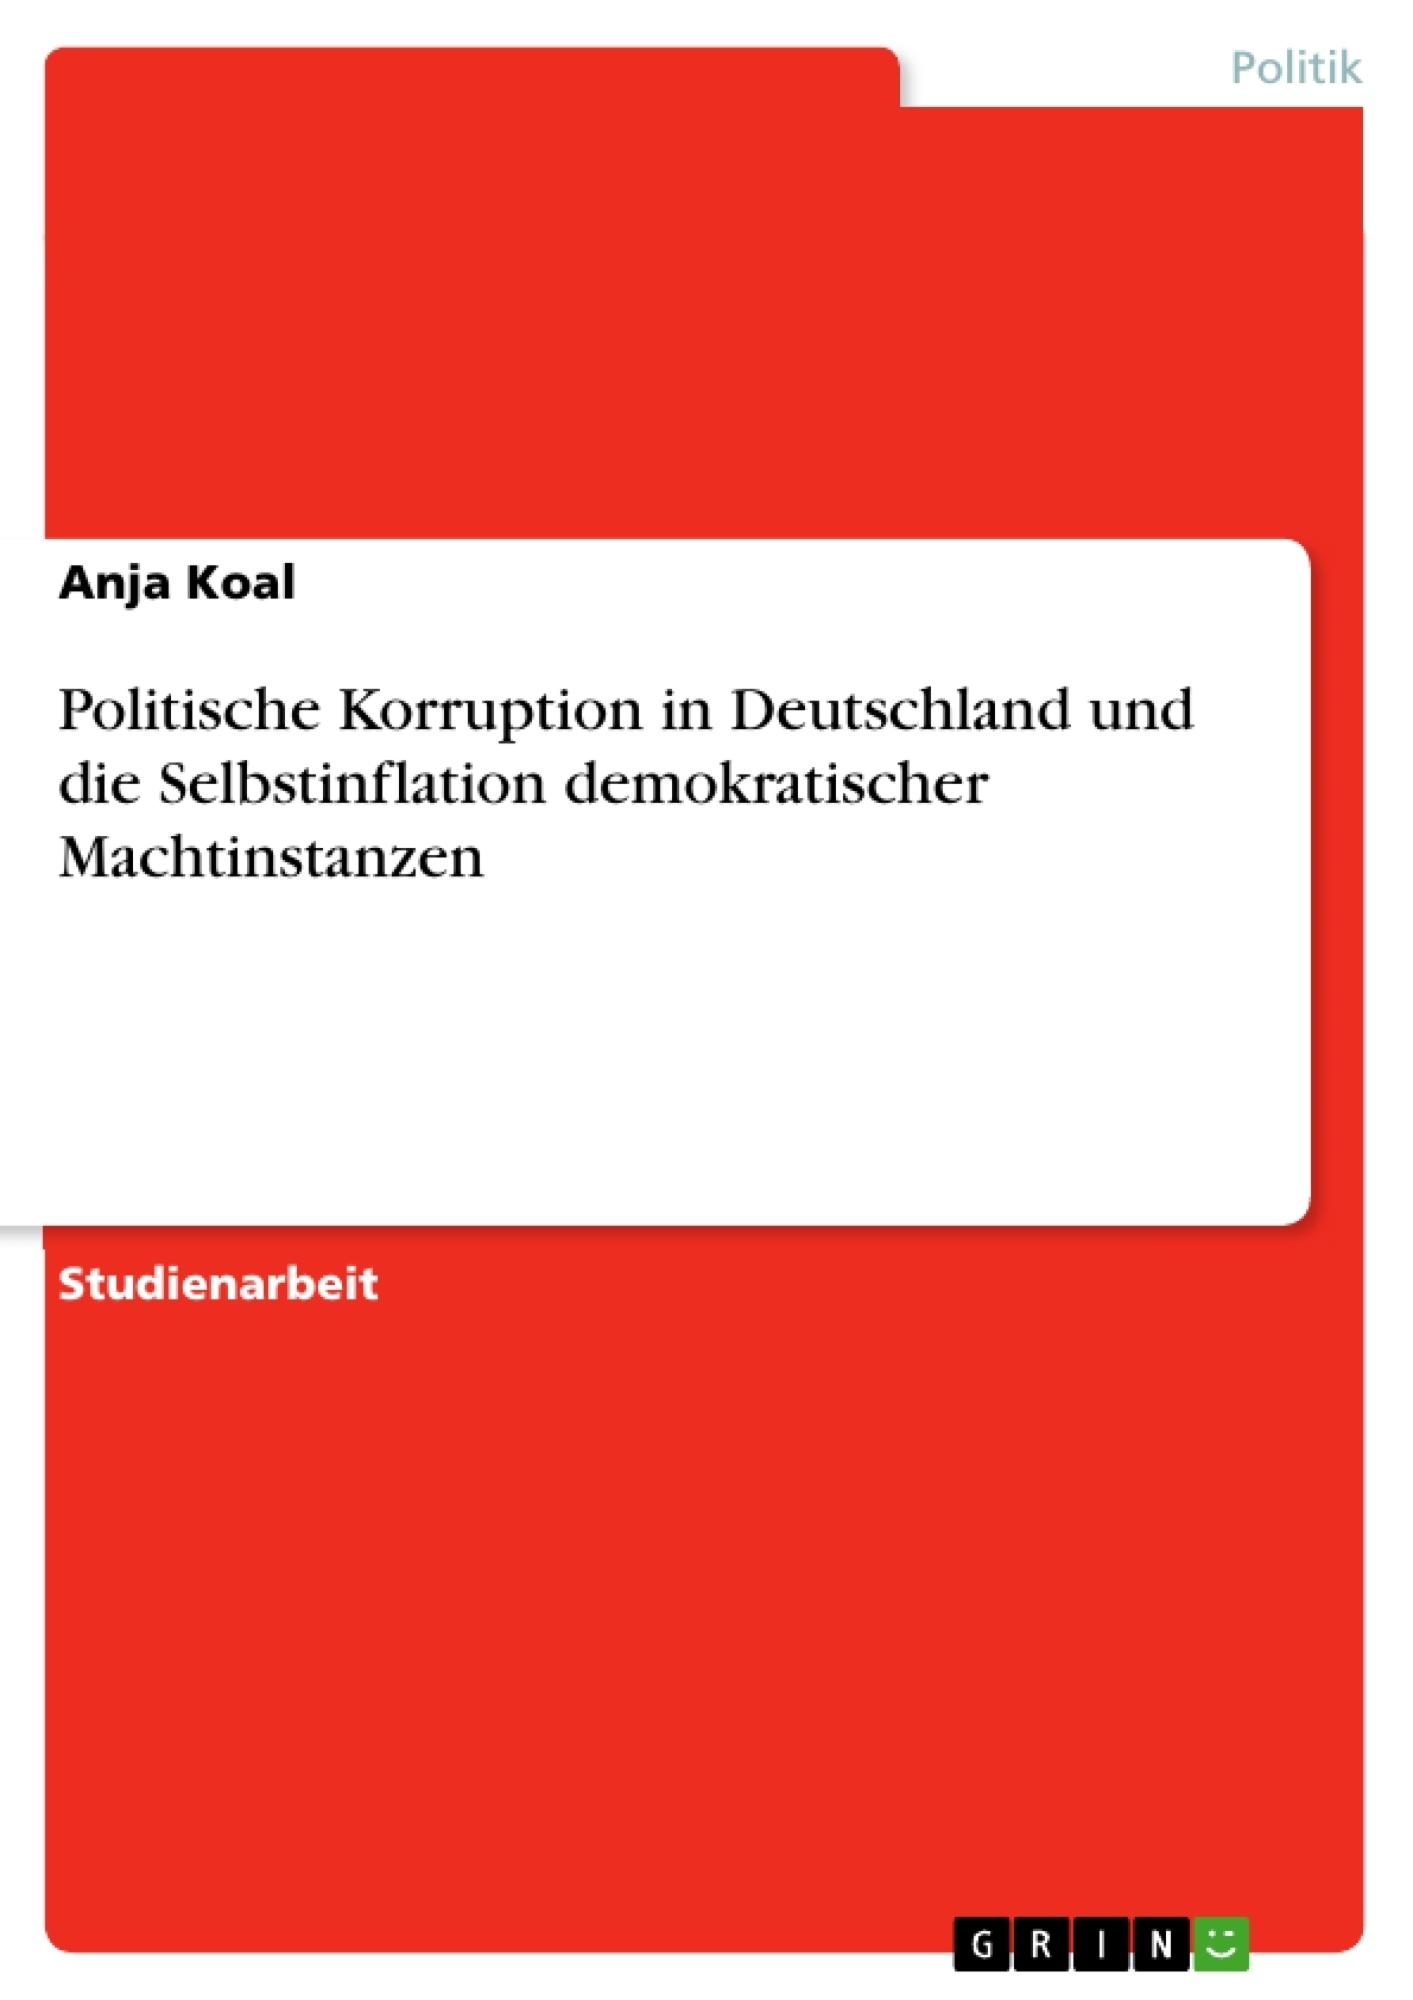 Titel: Politische Korruption in Deutschland und die Selbstinflation demokratischer Machtinstanzen